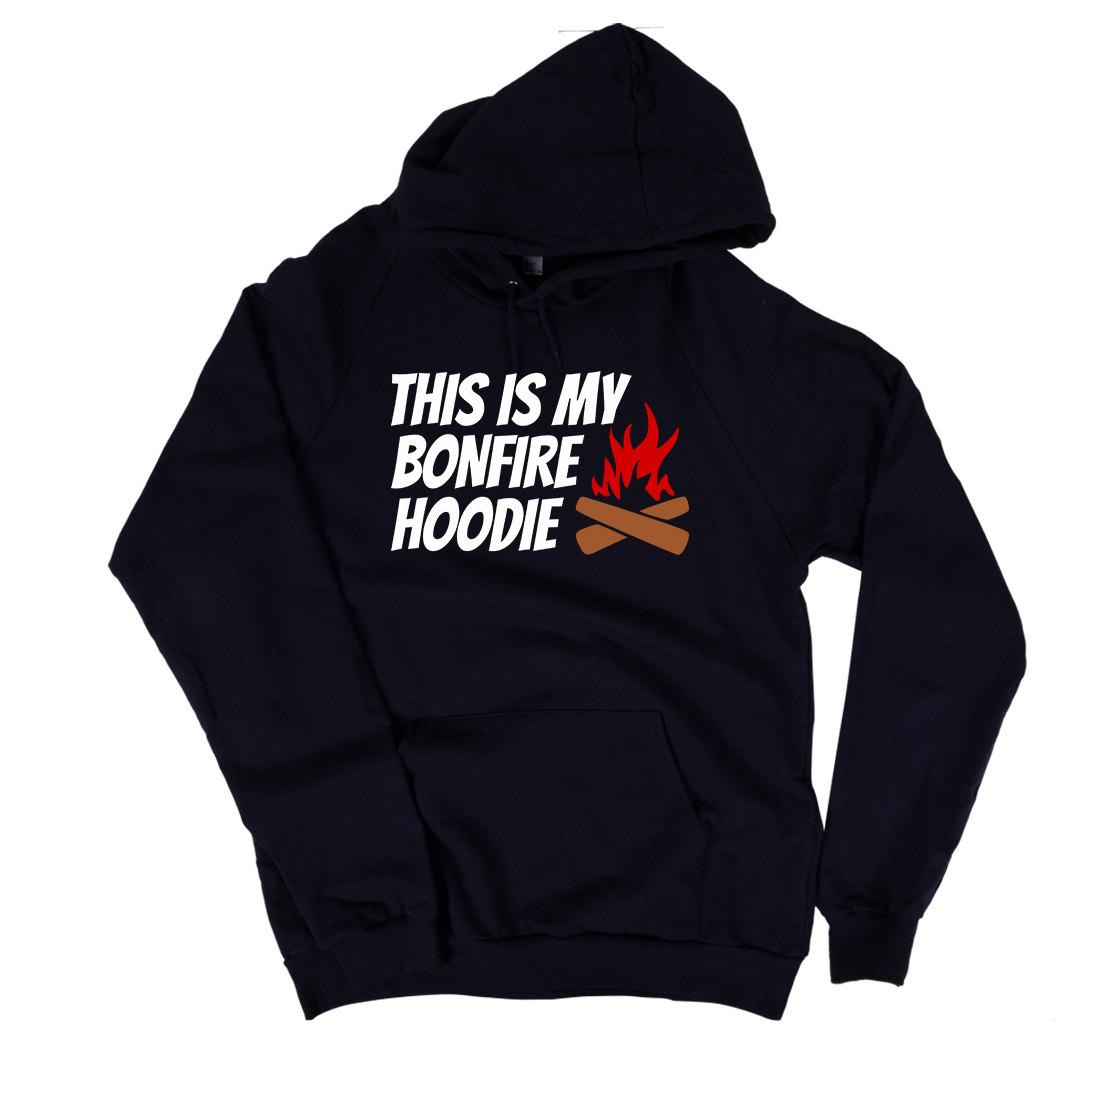 Camping Sweatshirt - This Is My Bonfire Hoodie - Camping Hoodie